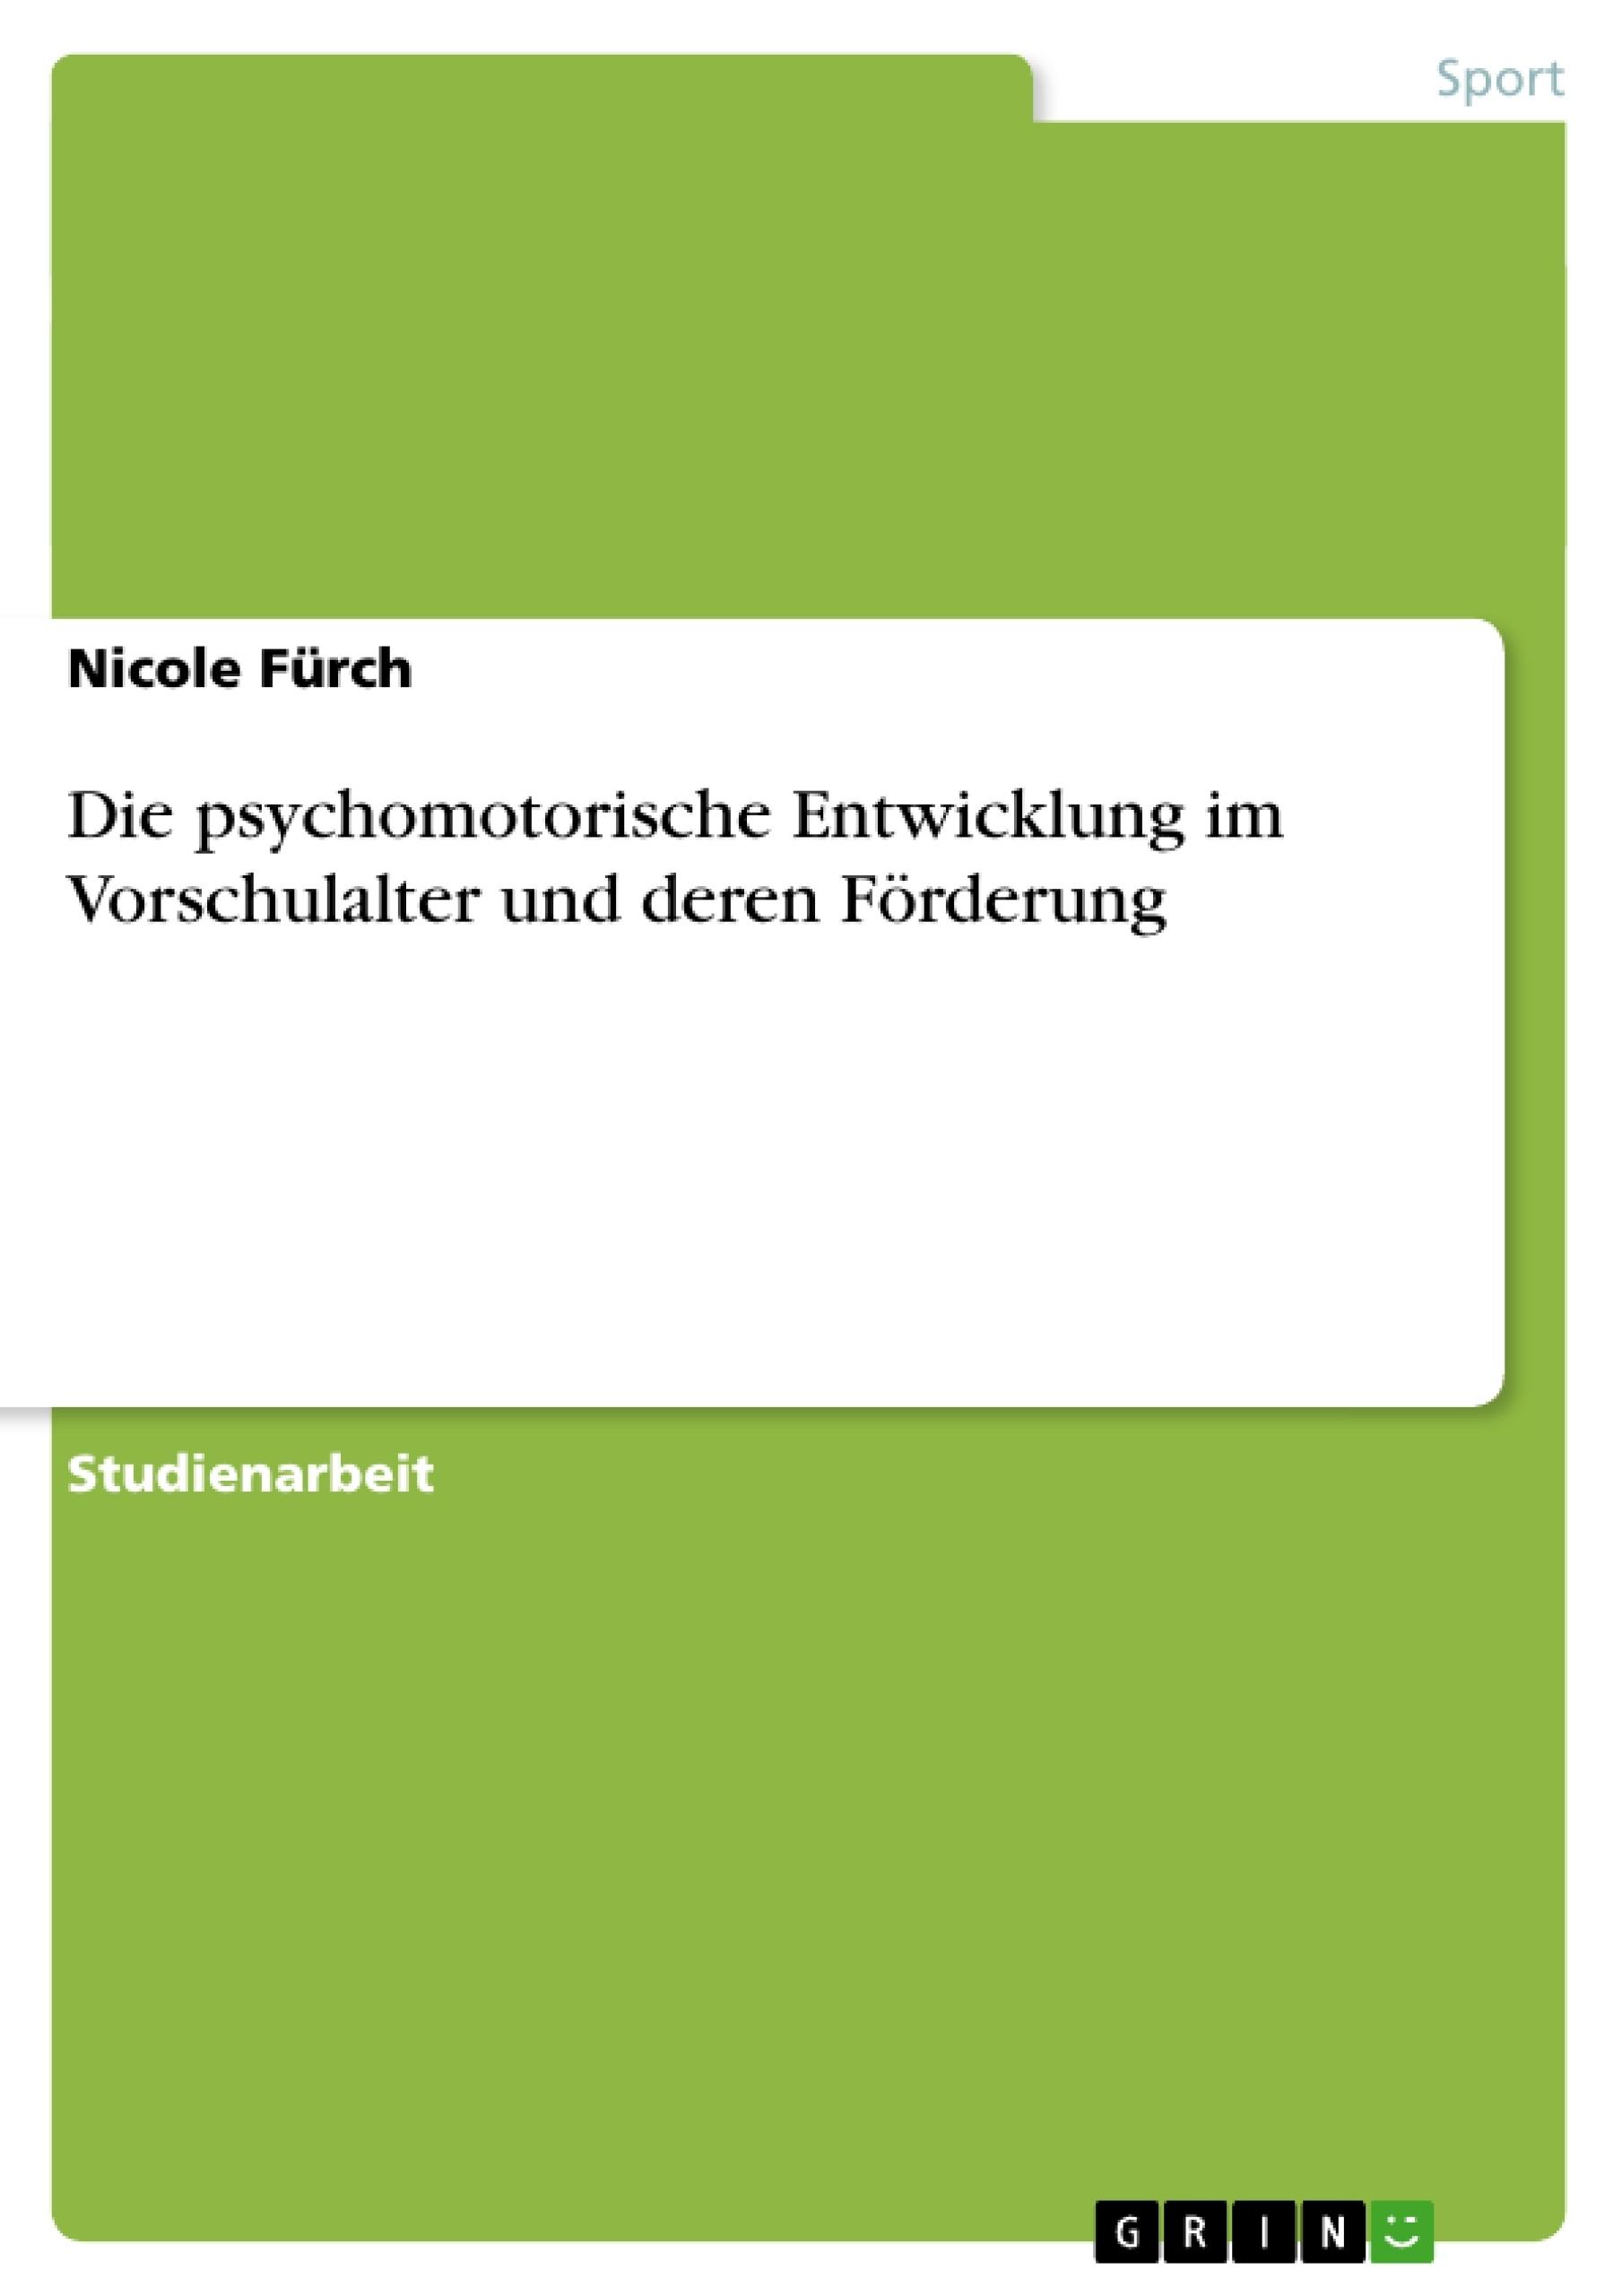 Titel: Die psychomotorische Entwicklung im Vorschulalter und deren Förderung